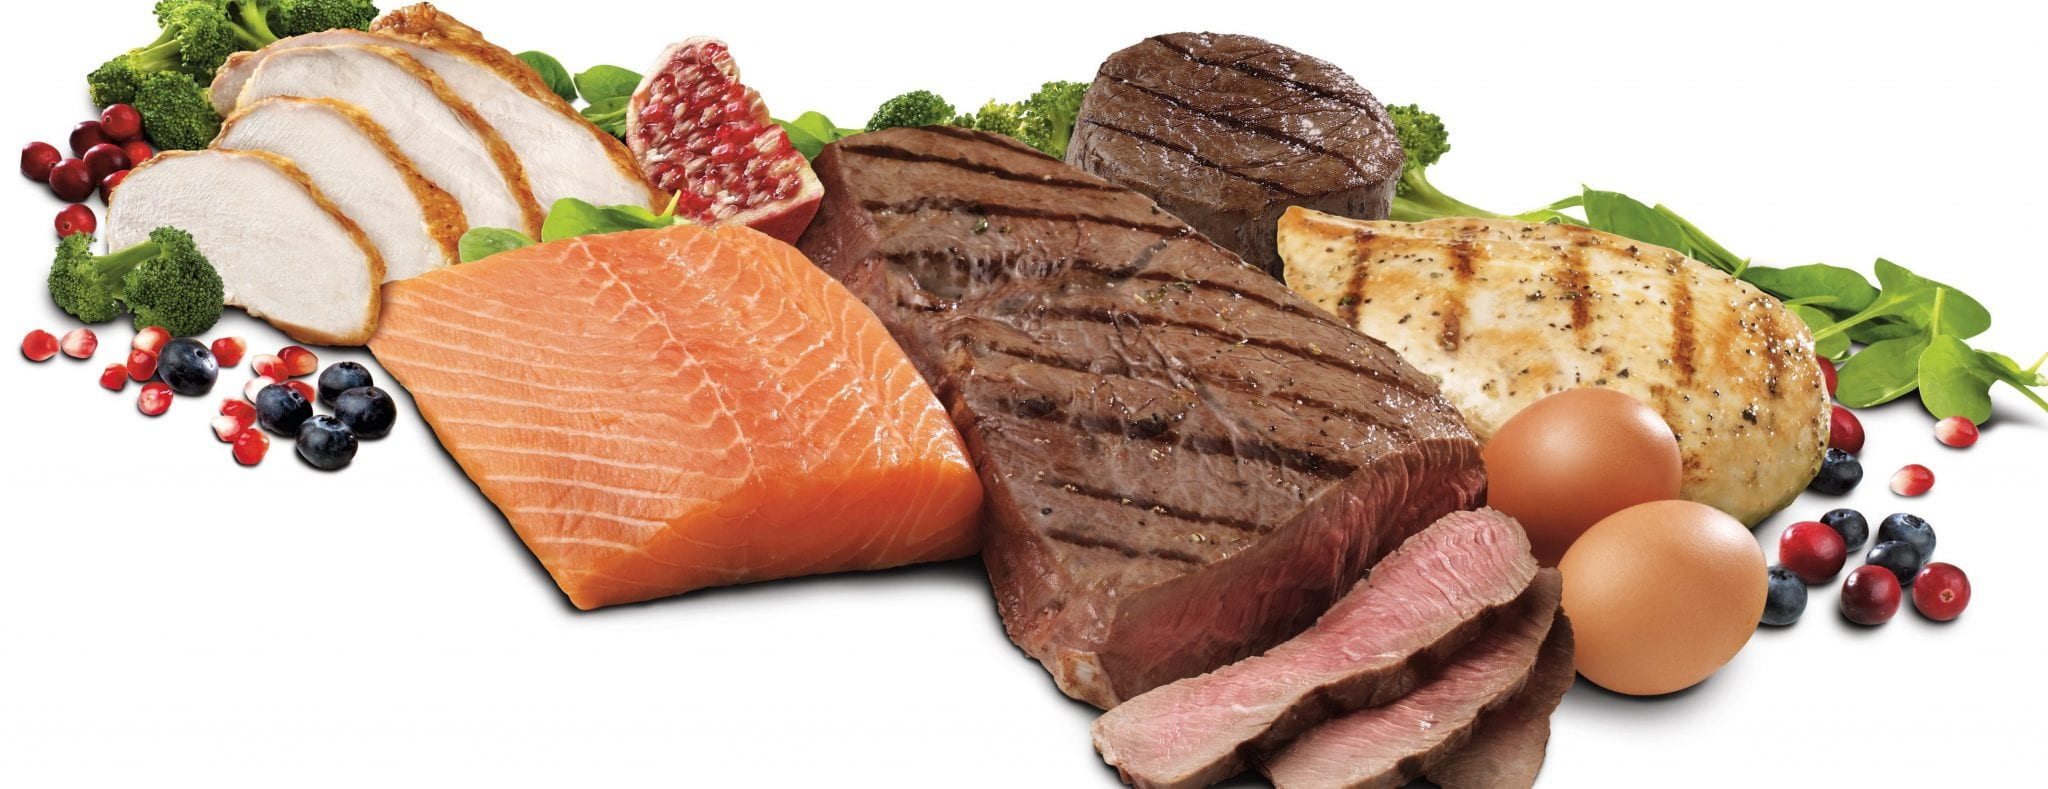 Protein tüketerek nasıl zayıflanır